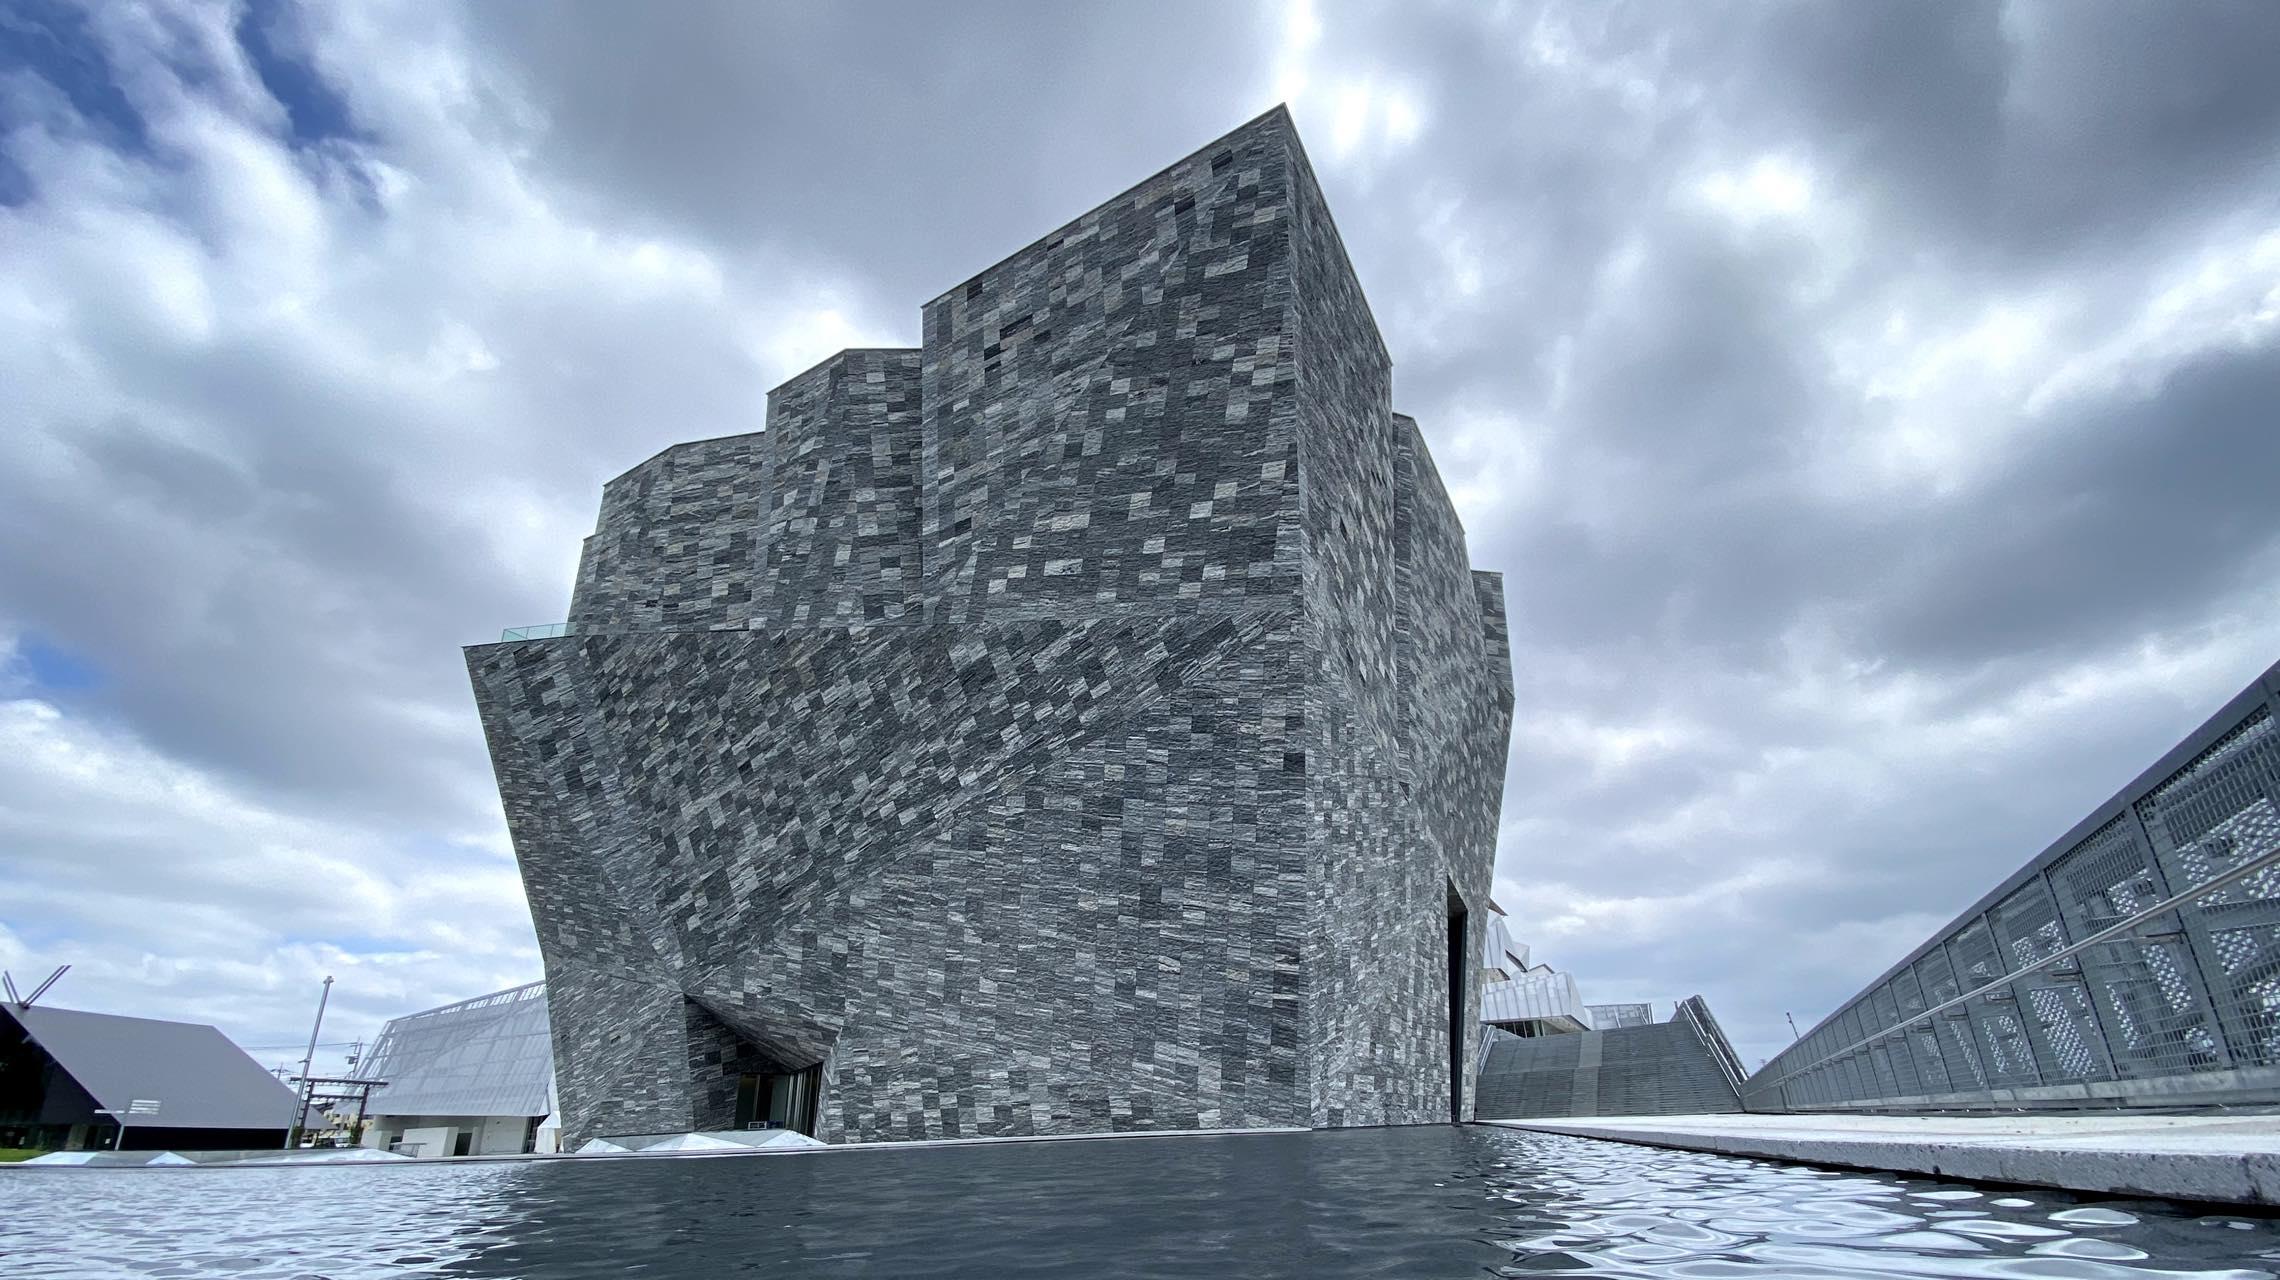 未来への希望を込めて。「アマビエ・プロジェクト」でアートが持つ無限の可能性に触れる